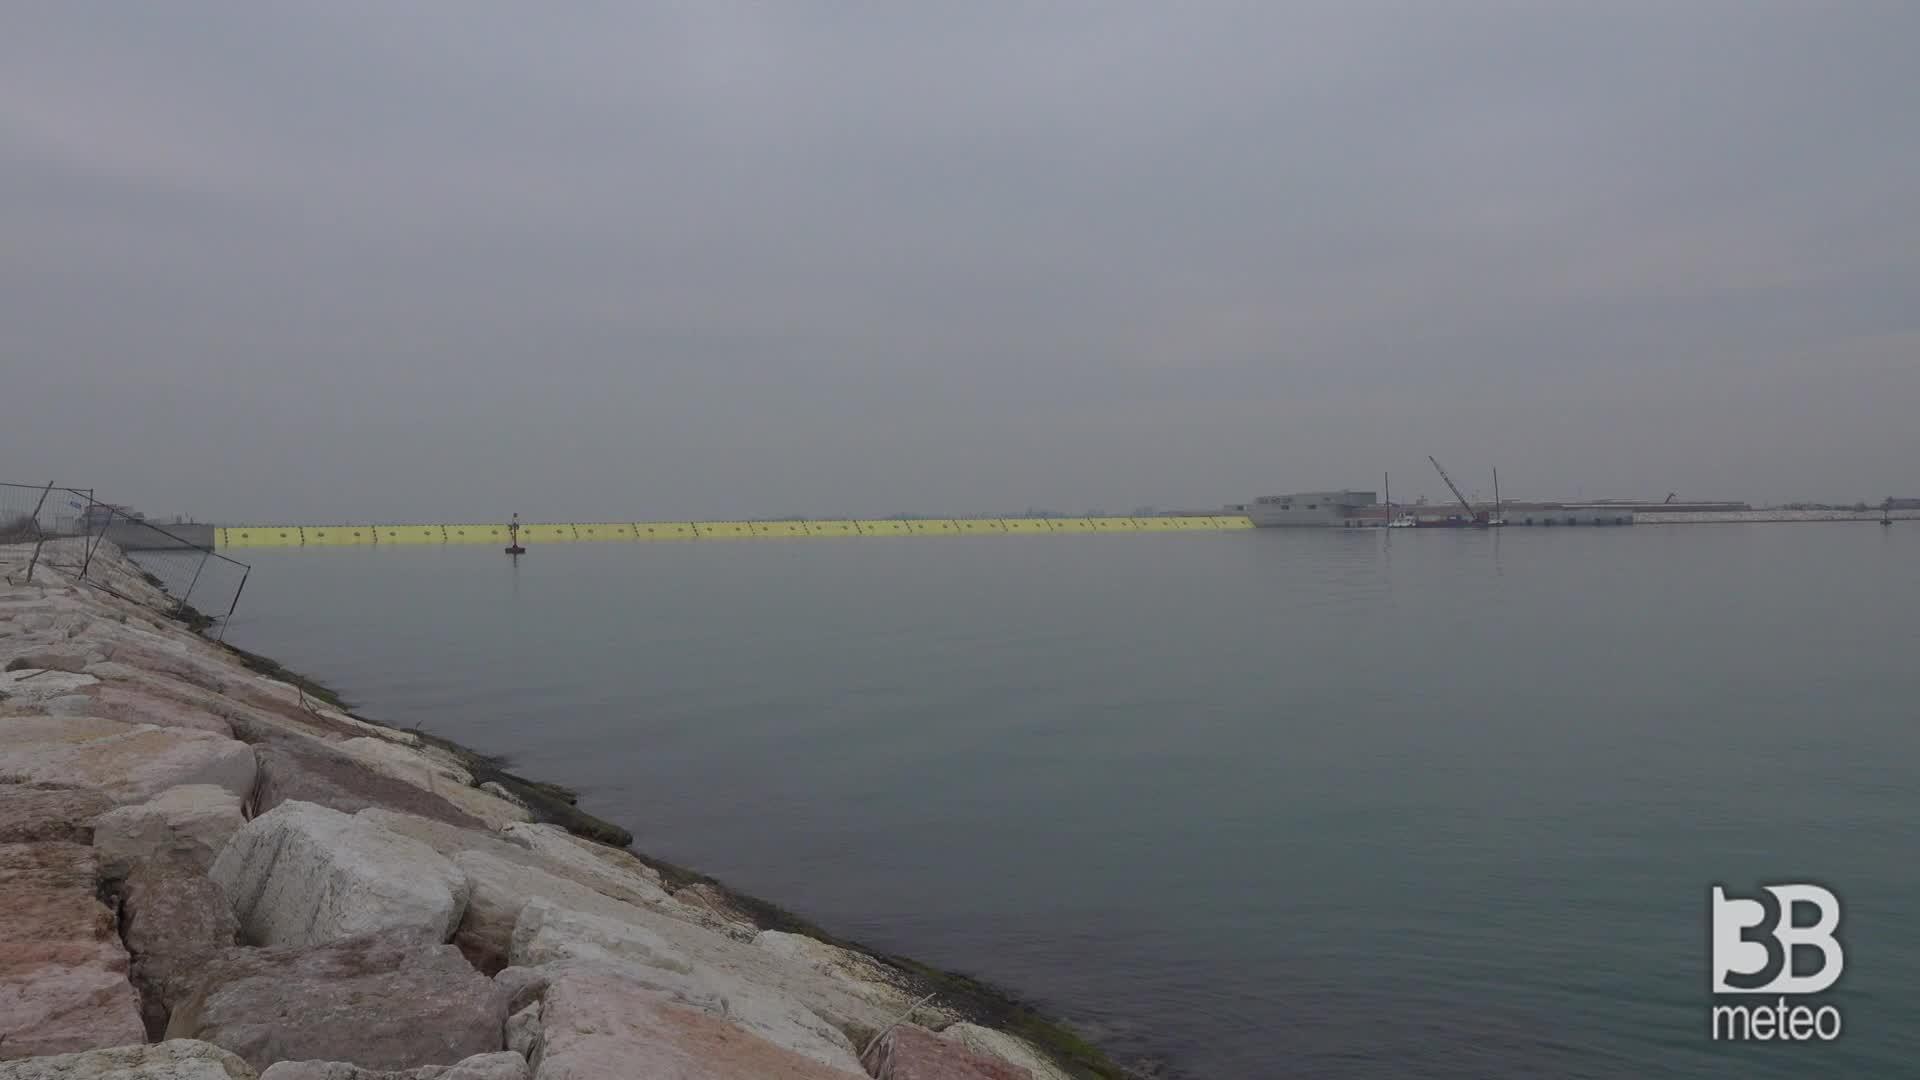 Test del Mose al Lido di Venezia: riuscito sollevamento paratoie